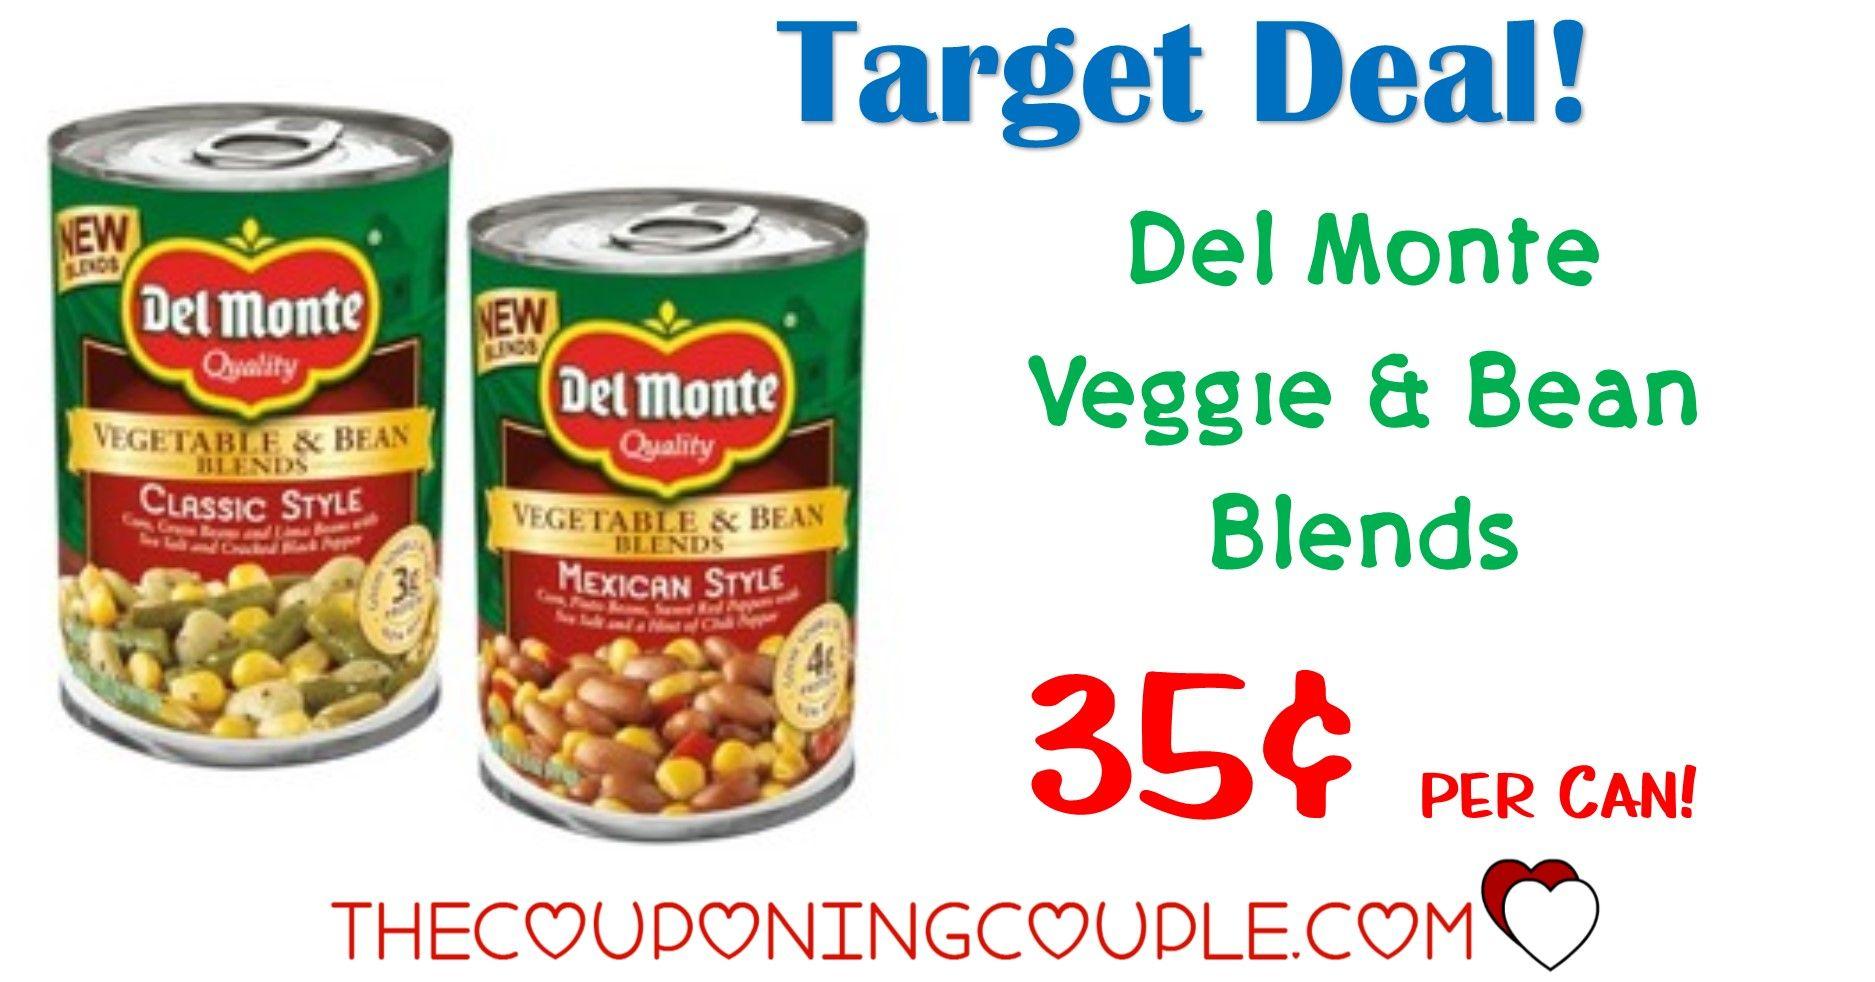 Del Monte Vegetables N Beans Blends 0 40 At Publix 0 99 At